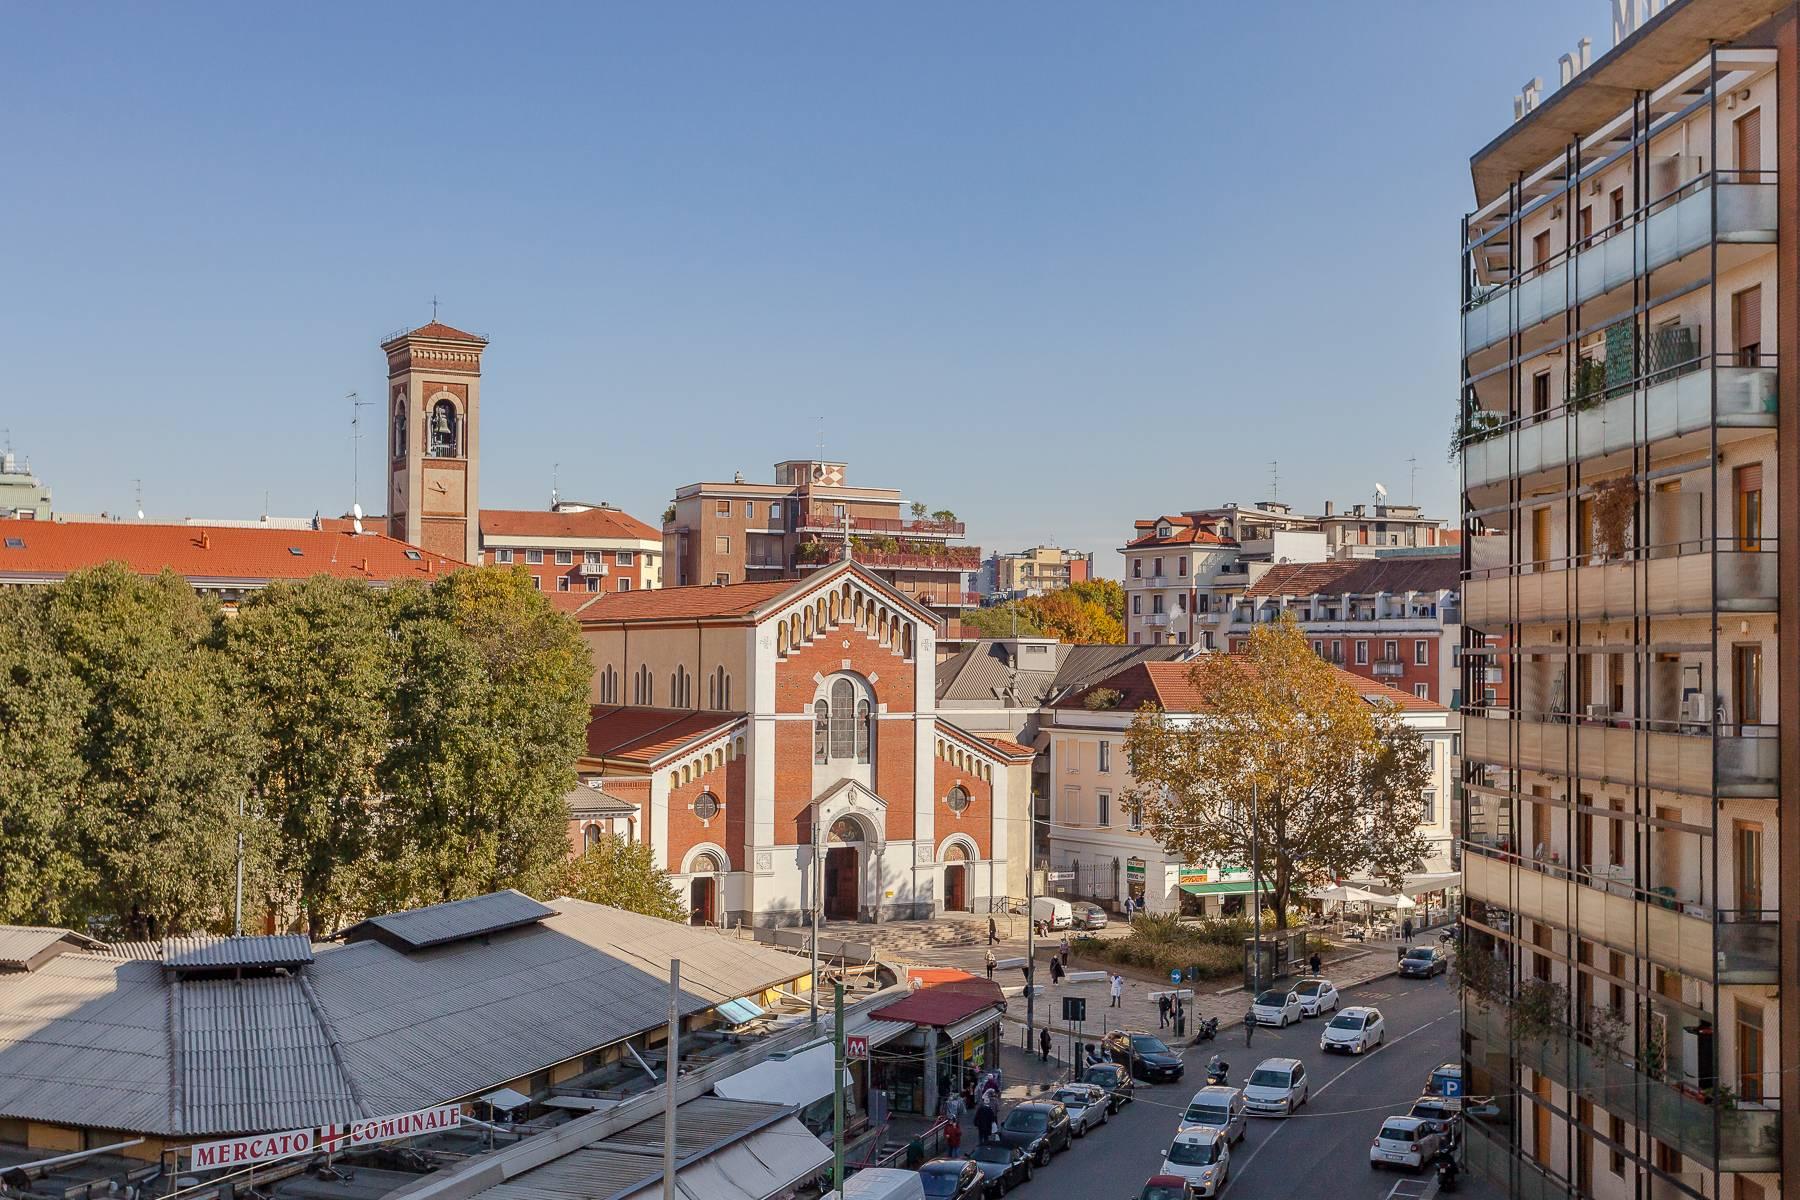 Attico in Vendita a Milano: 5 locali, 344 mq - Foto 18